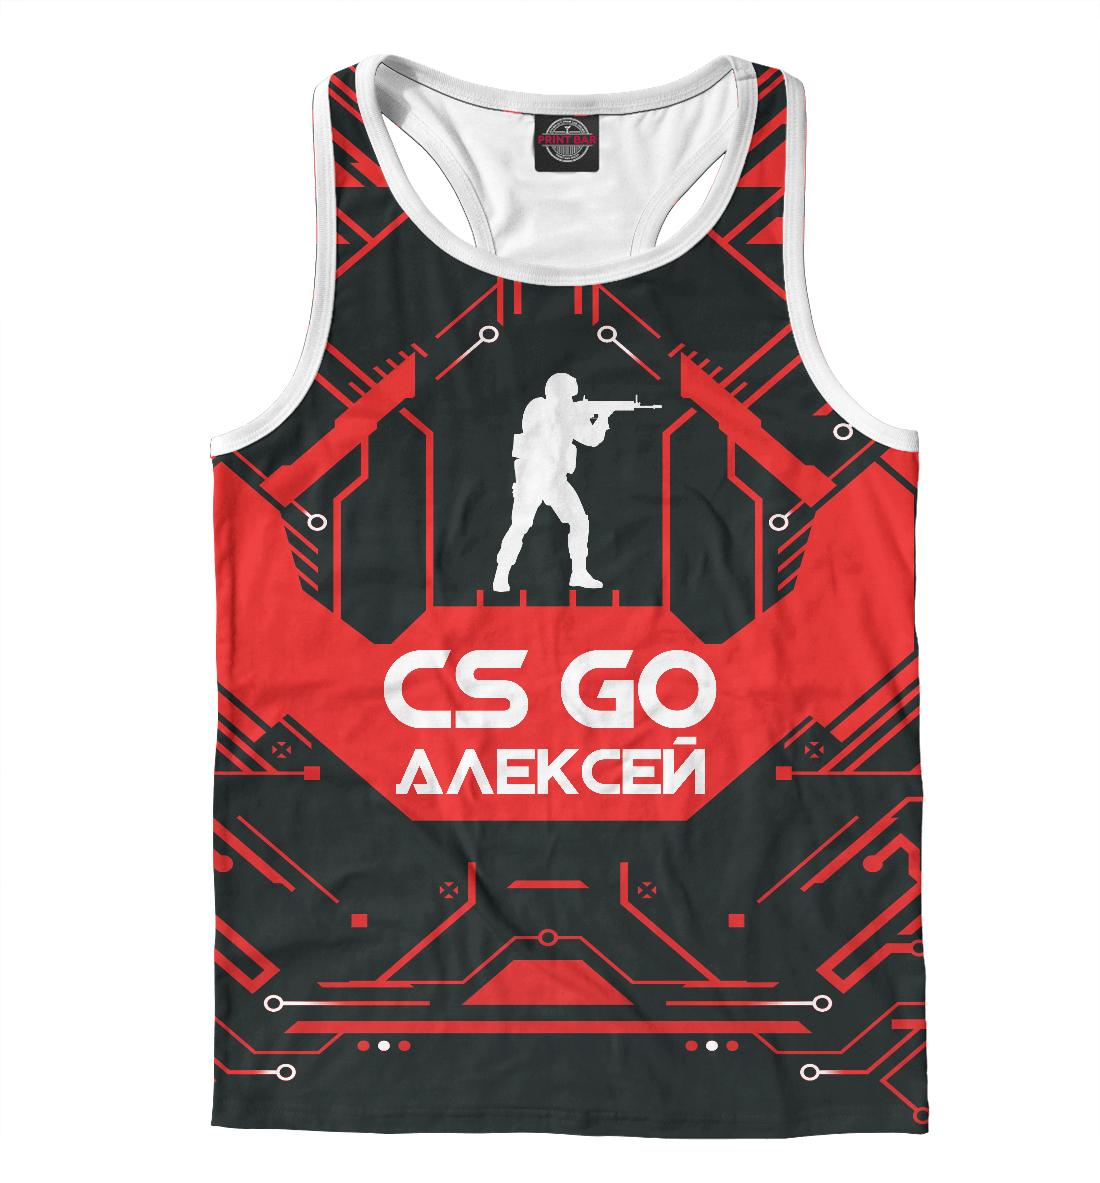 Купить Алексей в стиле CS GO, Printbar, Майки борцовки, ALE-645685-mayb-2